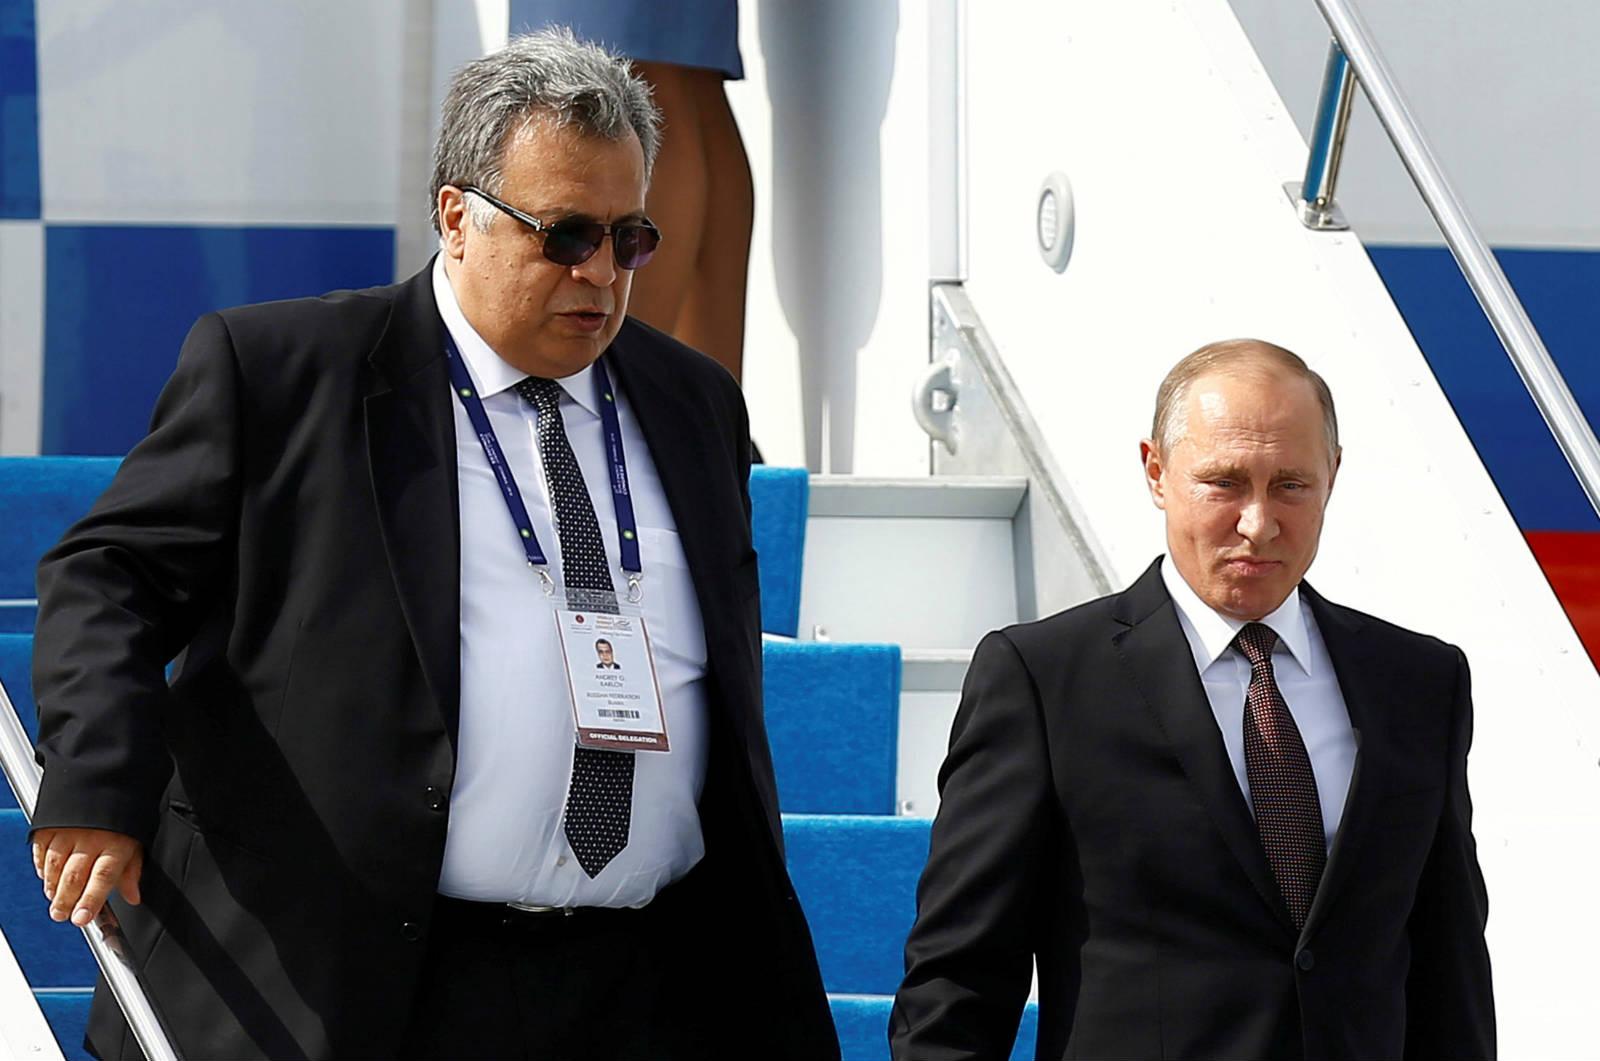 俄羅斯駐土耳其大使卡洛夫上周遇刺。 圖片來源:路透社